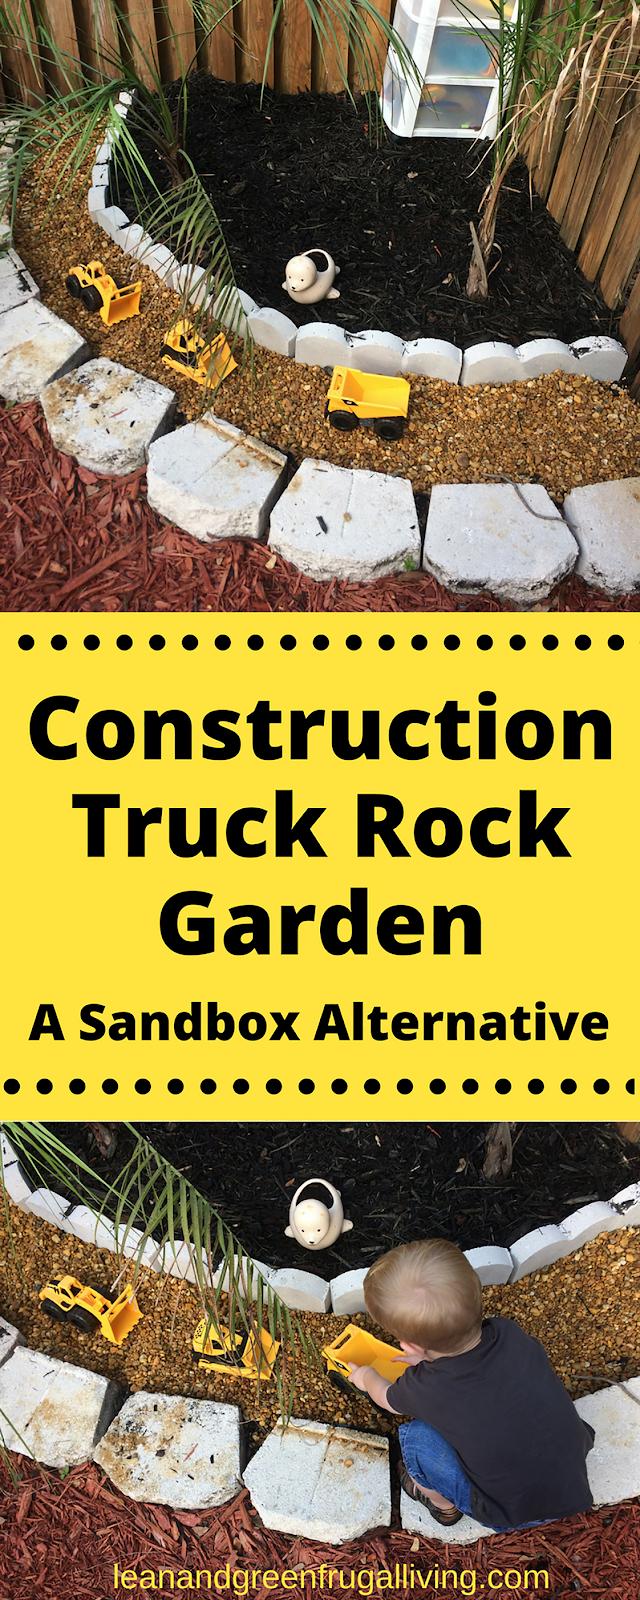 Construction Truck Rock Garden: A Sandbox Alternative